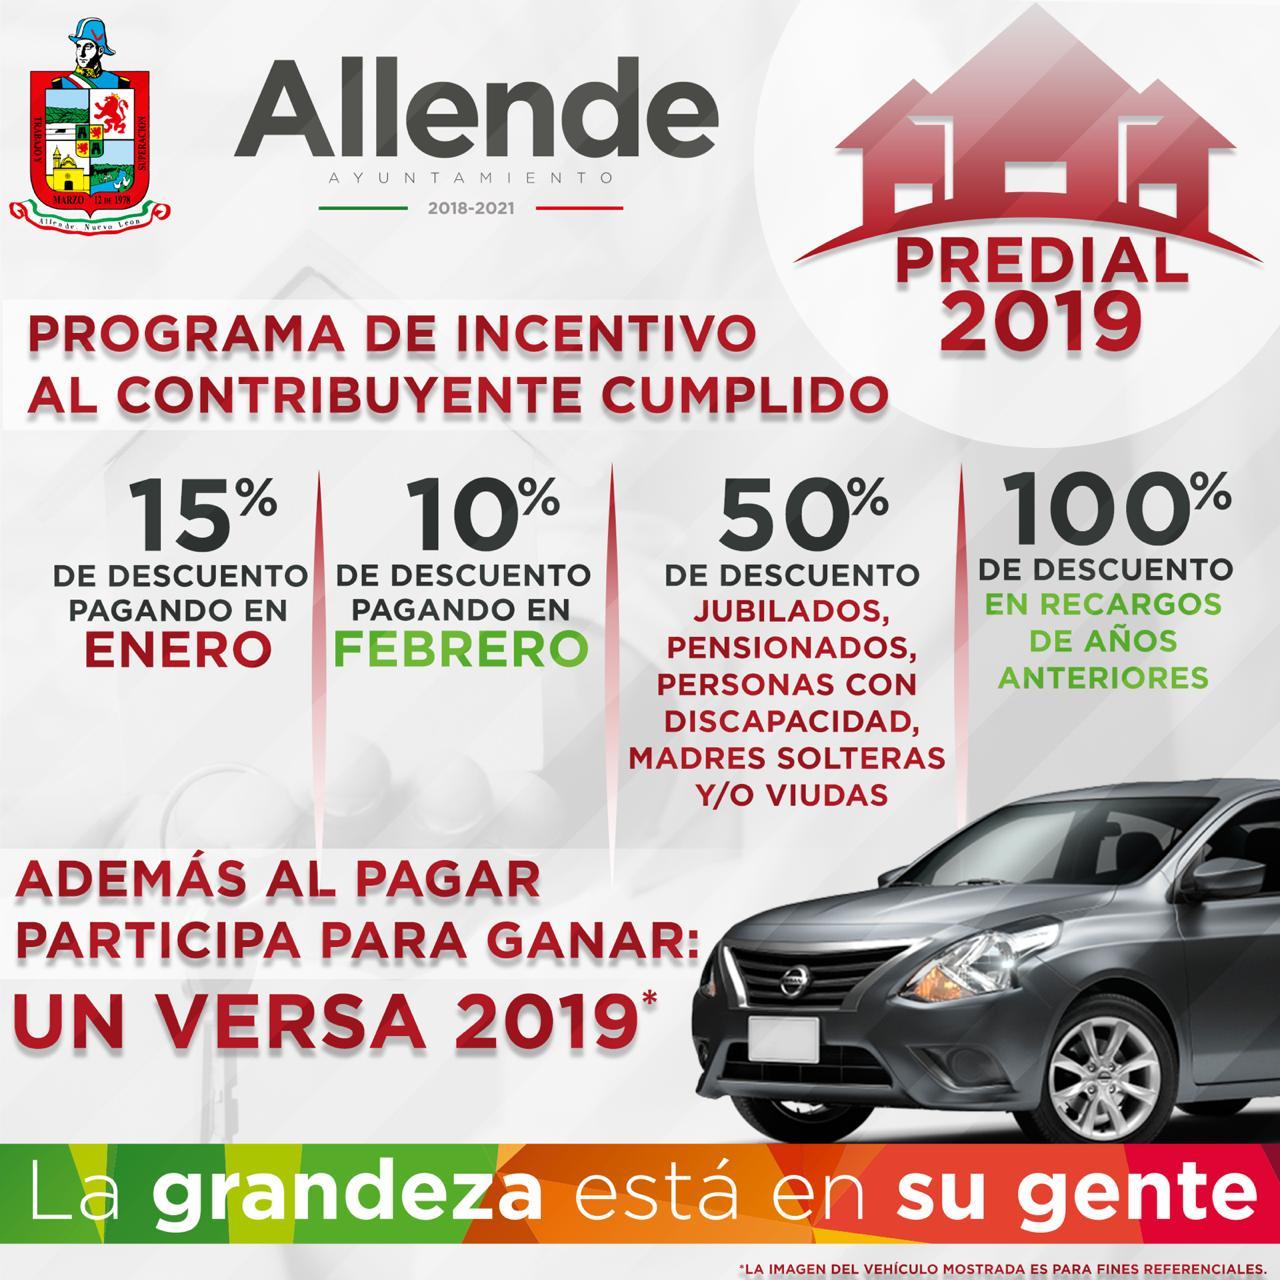 INVITAN A PAGAR IMPUESTO PREDIAL 2019 EN ALLENDE NL